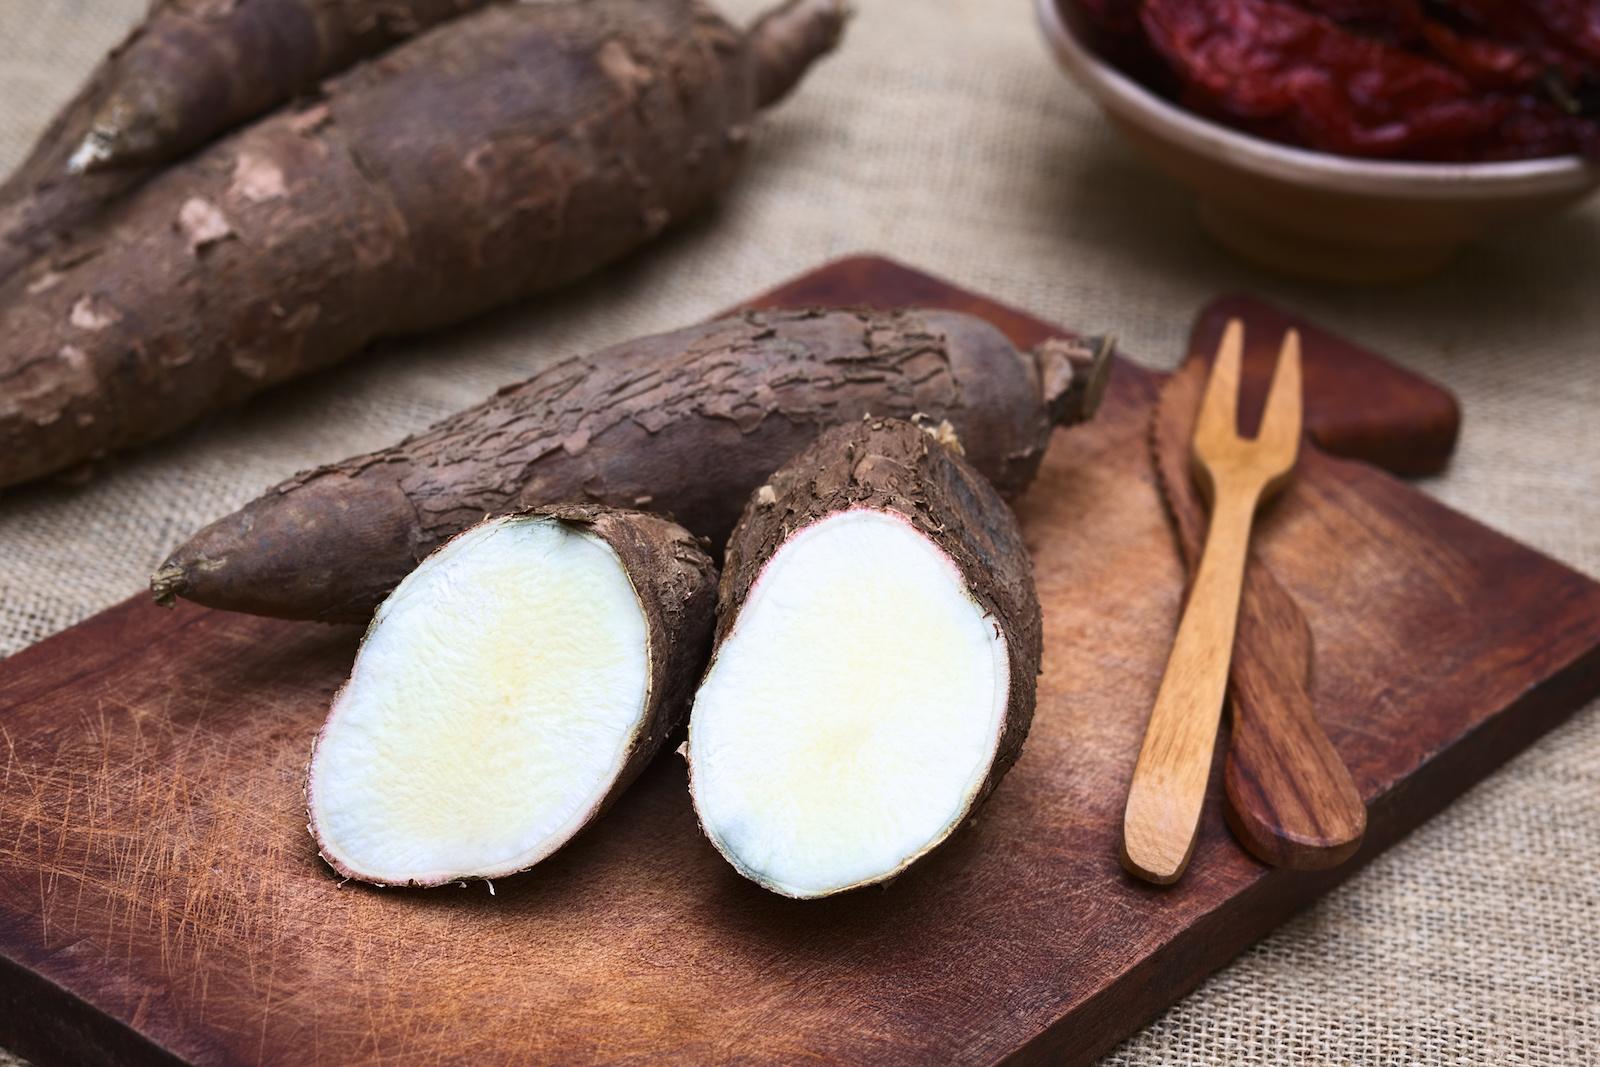 Raw cassava root aka manioc